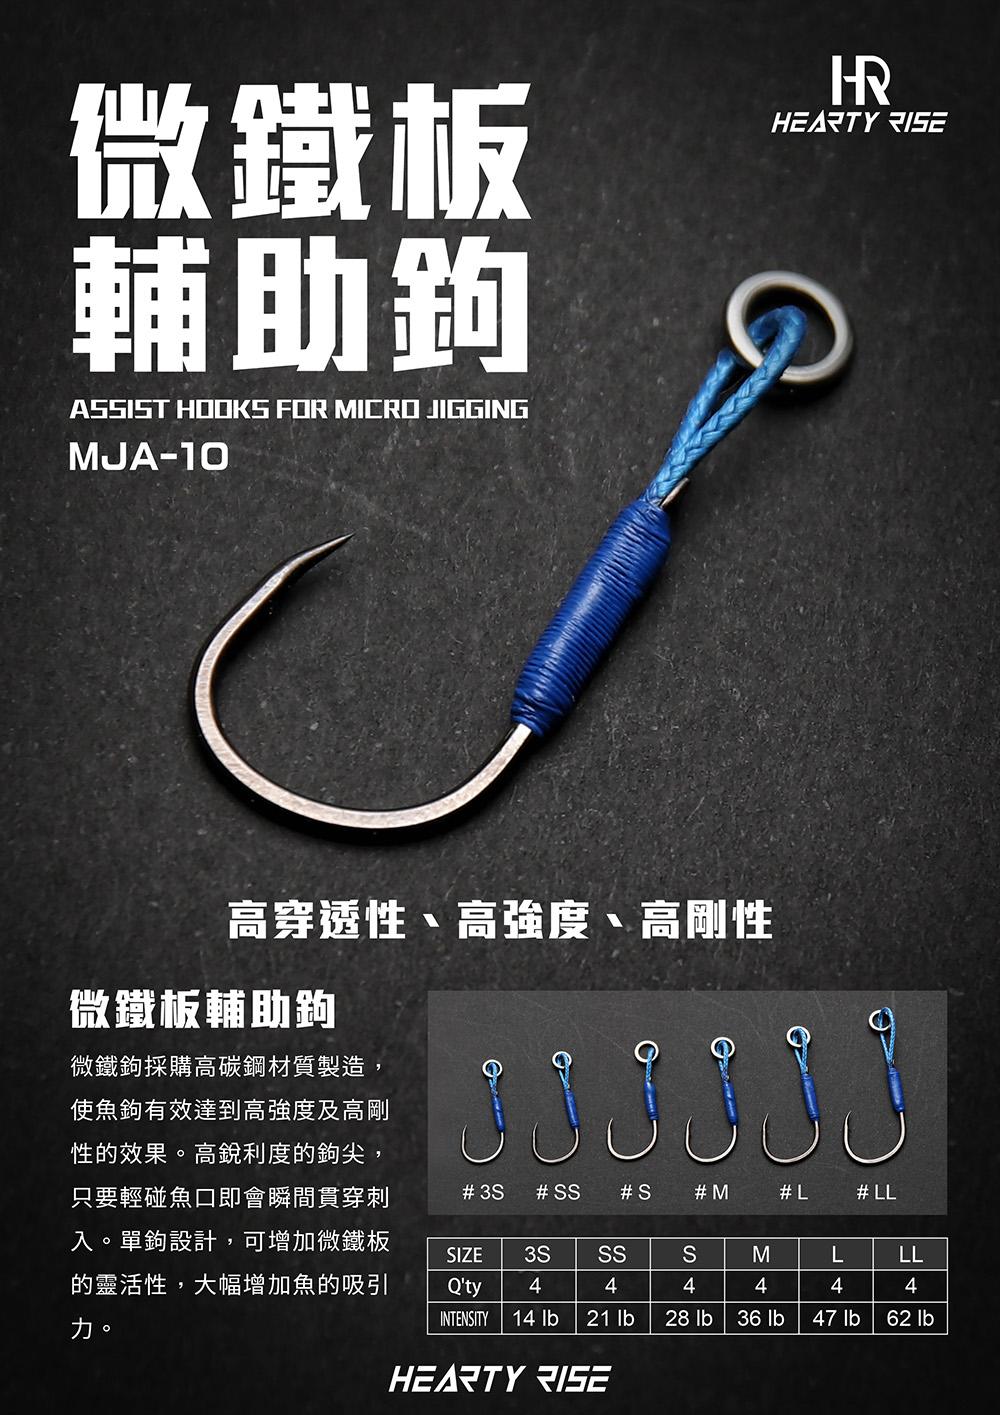 03 HR 微鐵板輔助鉤 MJA-10 中文 1000